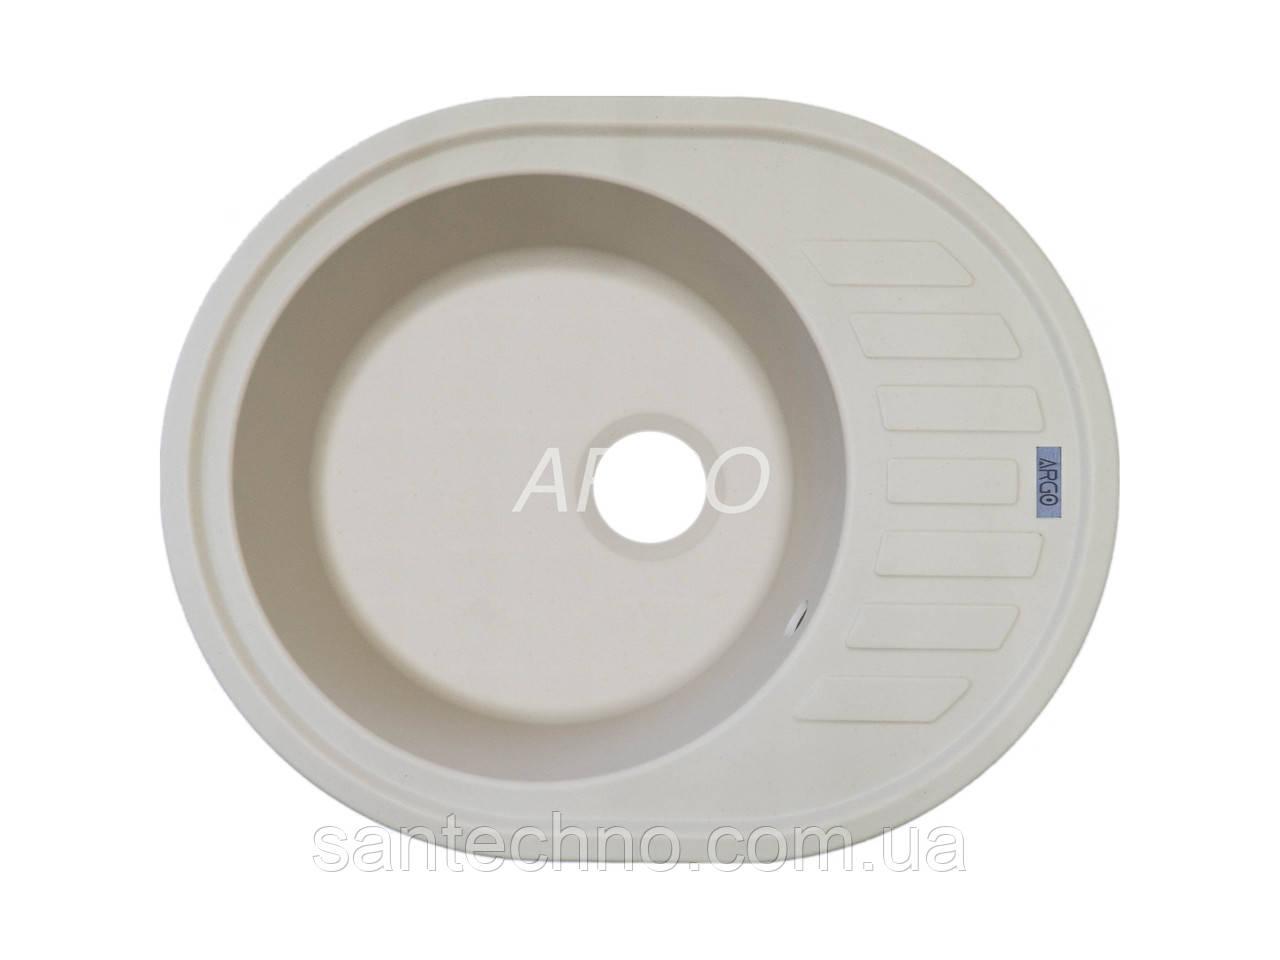 Гранитная овальная мойка для кухни Argo Ovale Ivory 620*500*200